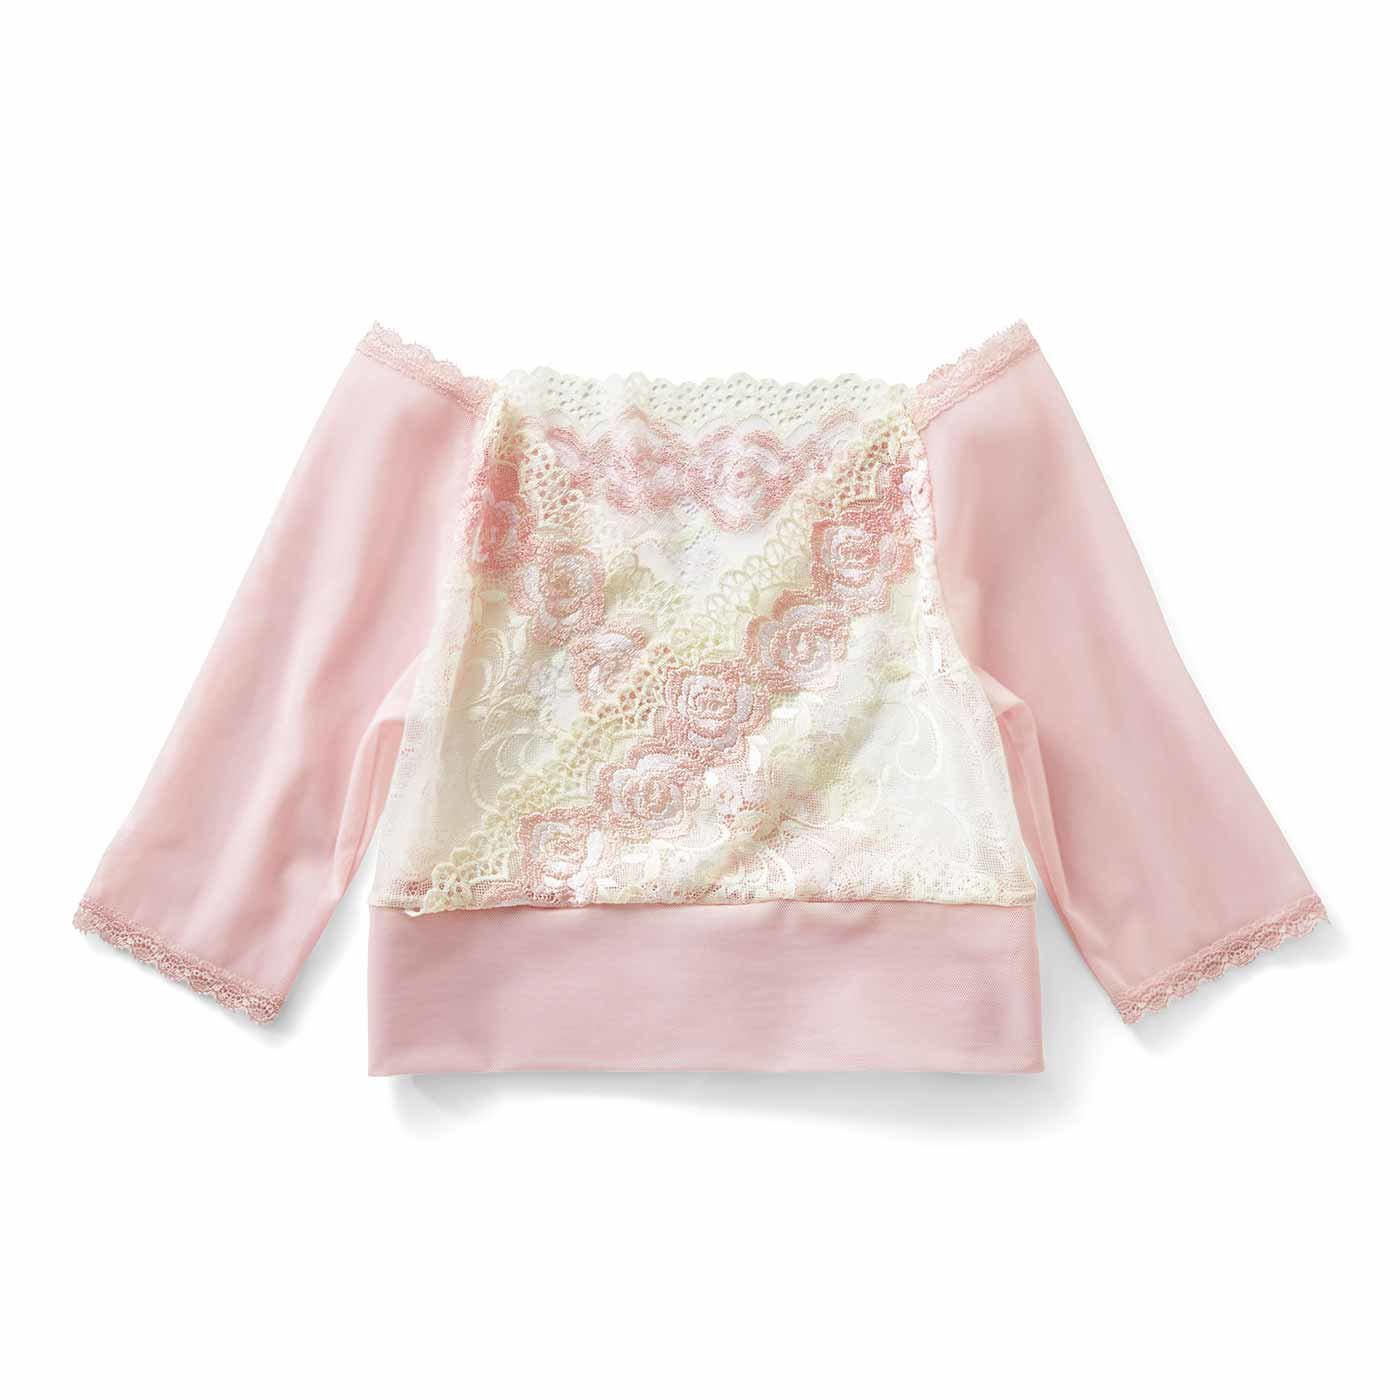 振り袖ぷよ肉シェイプ レーシーショートトップス〈ピンク×ホワイト〉